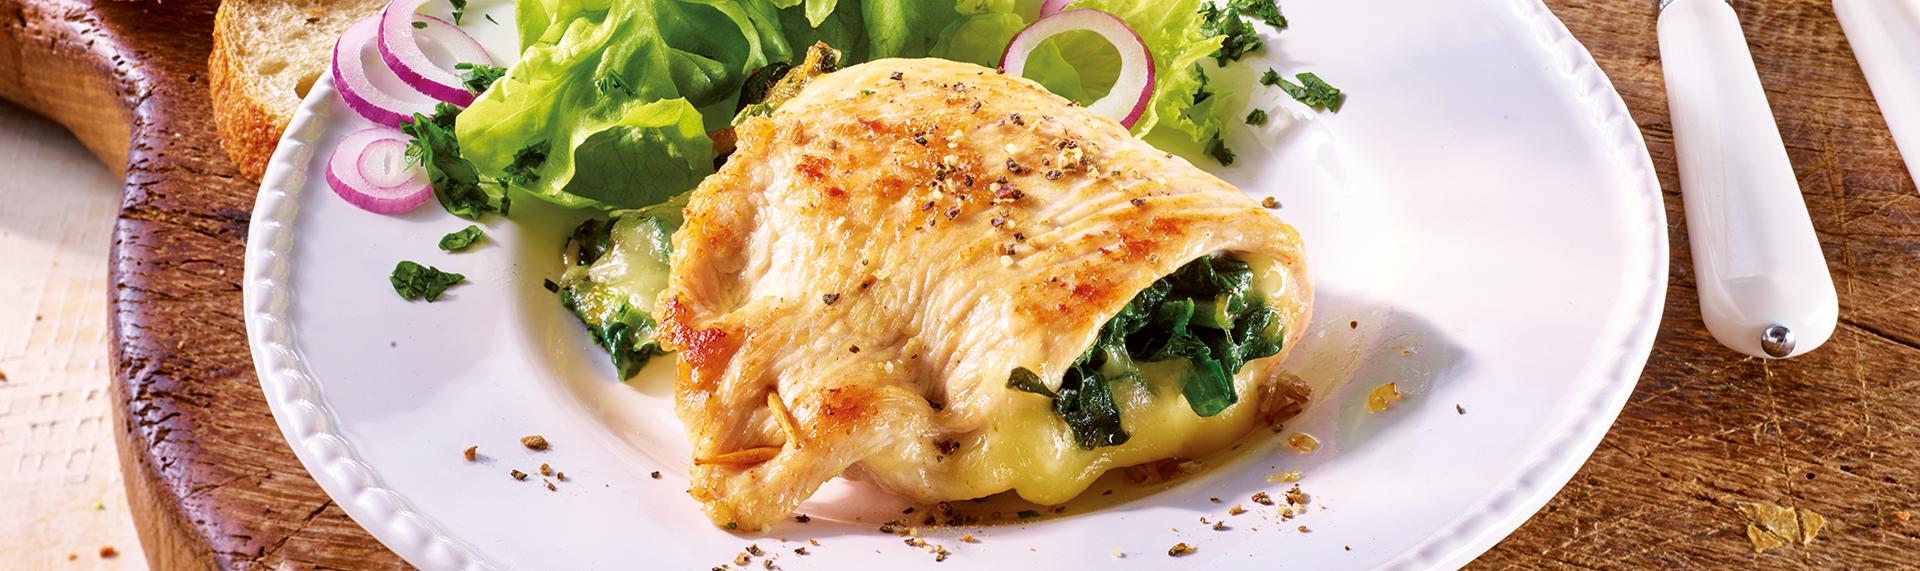 Gefüllte Putenschnitzel mit Spinat und Käse